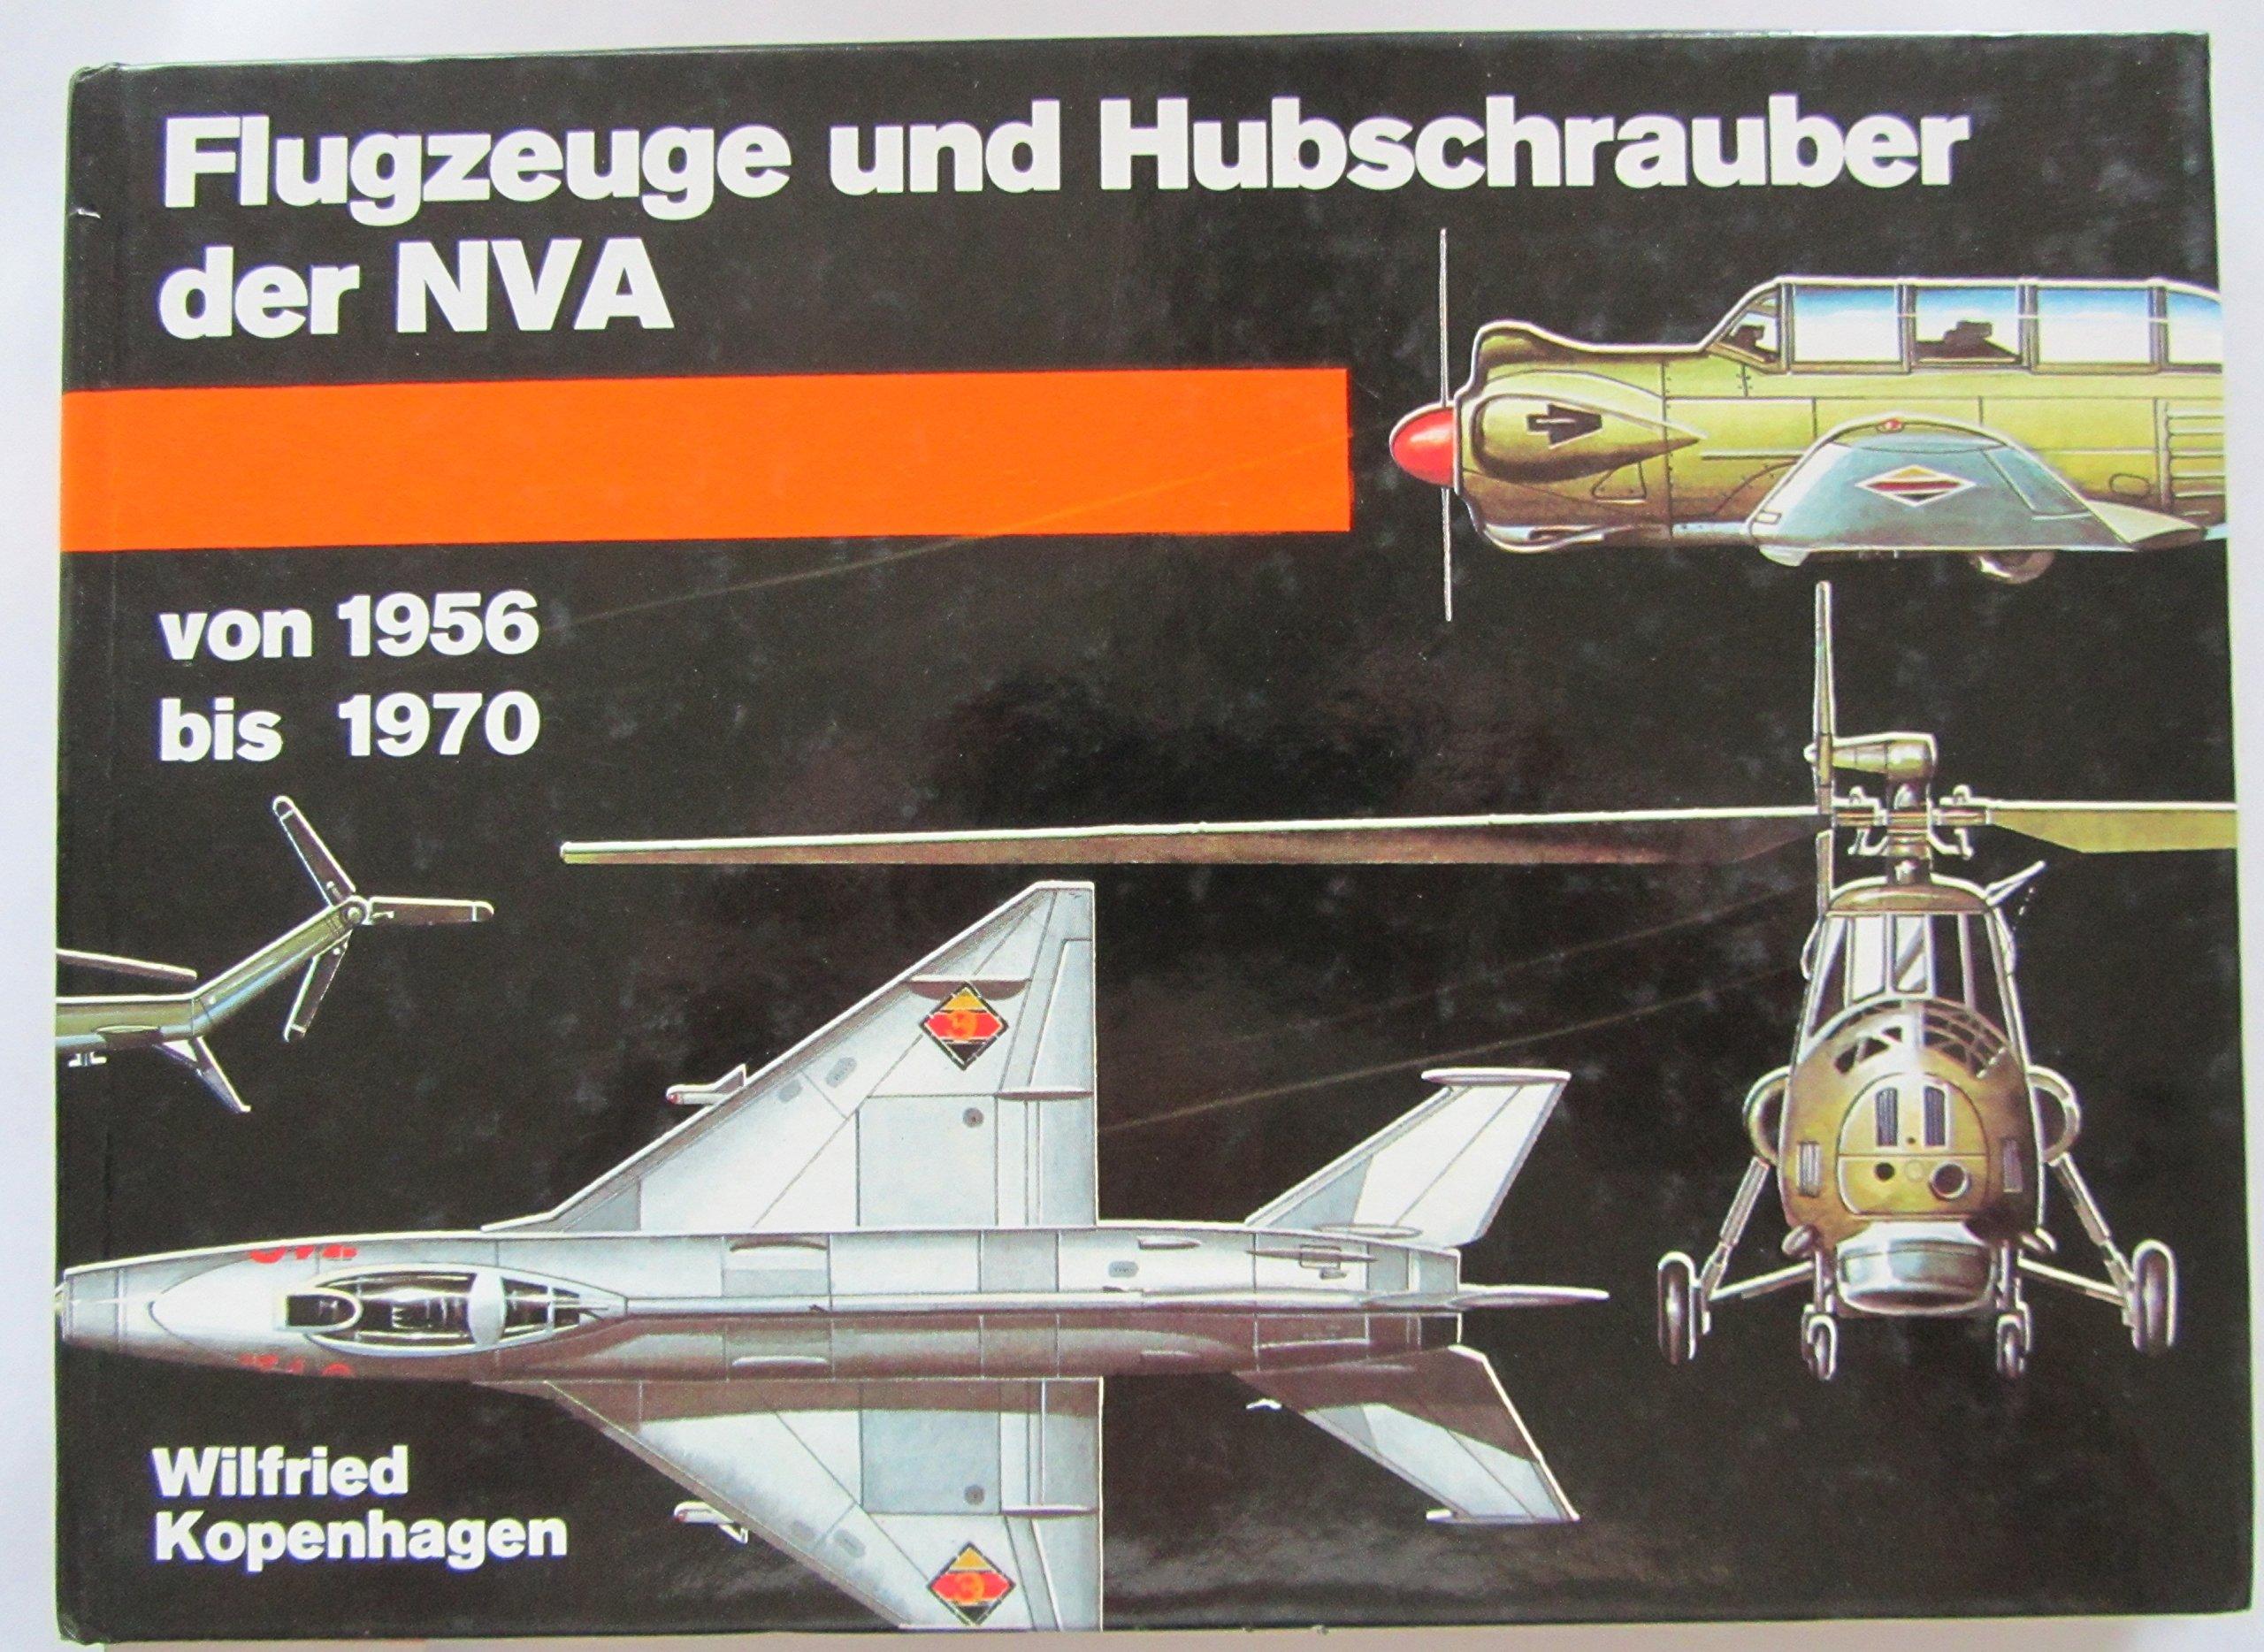 Flugzeuge und Hubschrauber der NVA von 1956 bis 1970